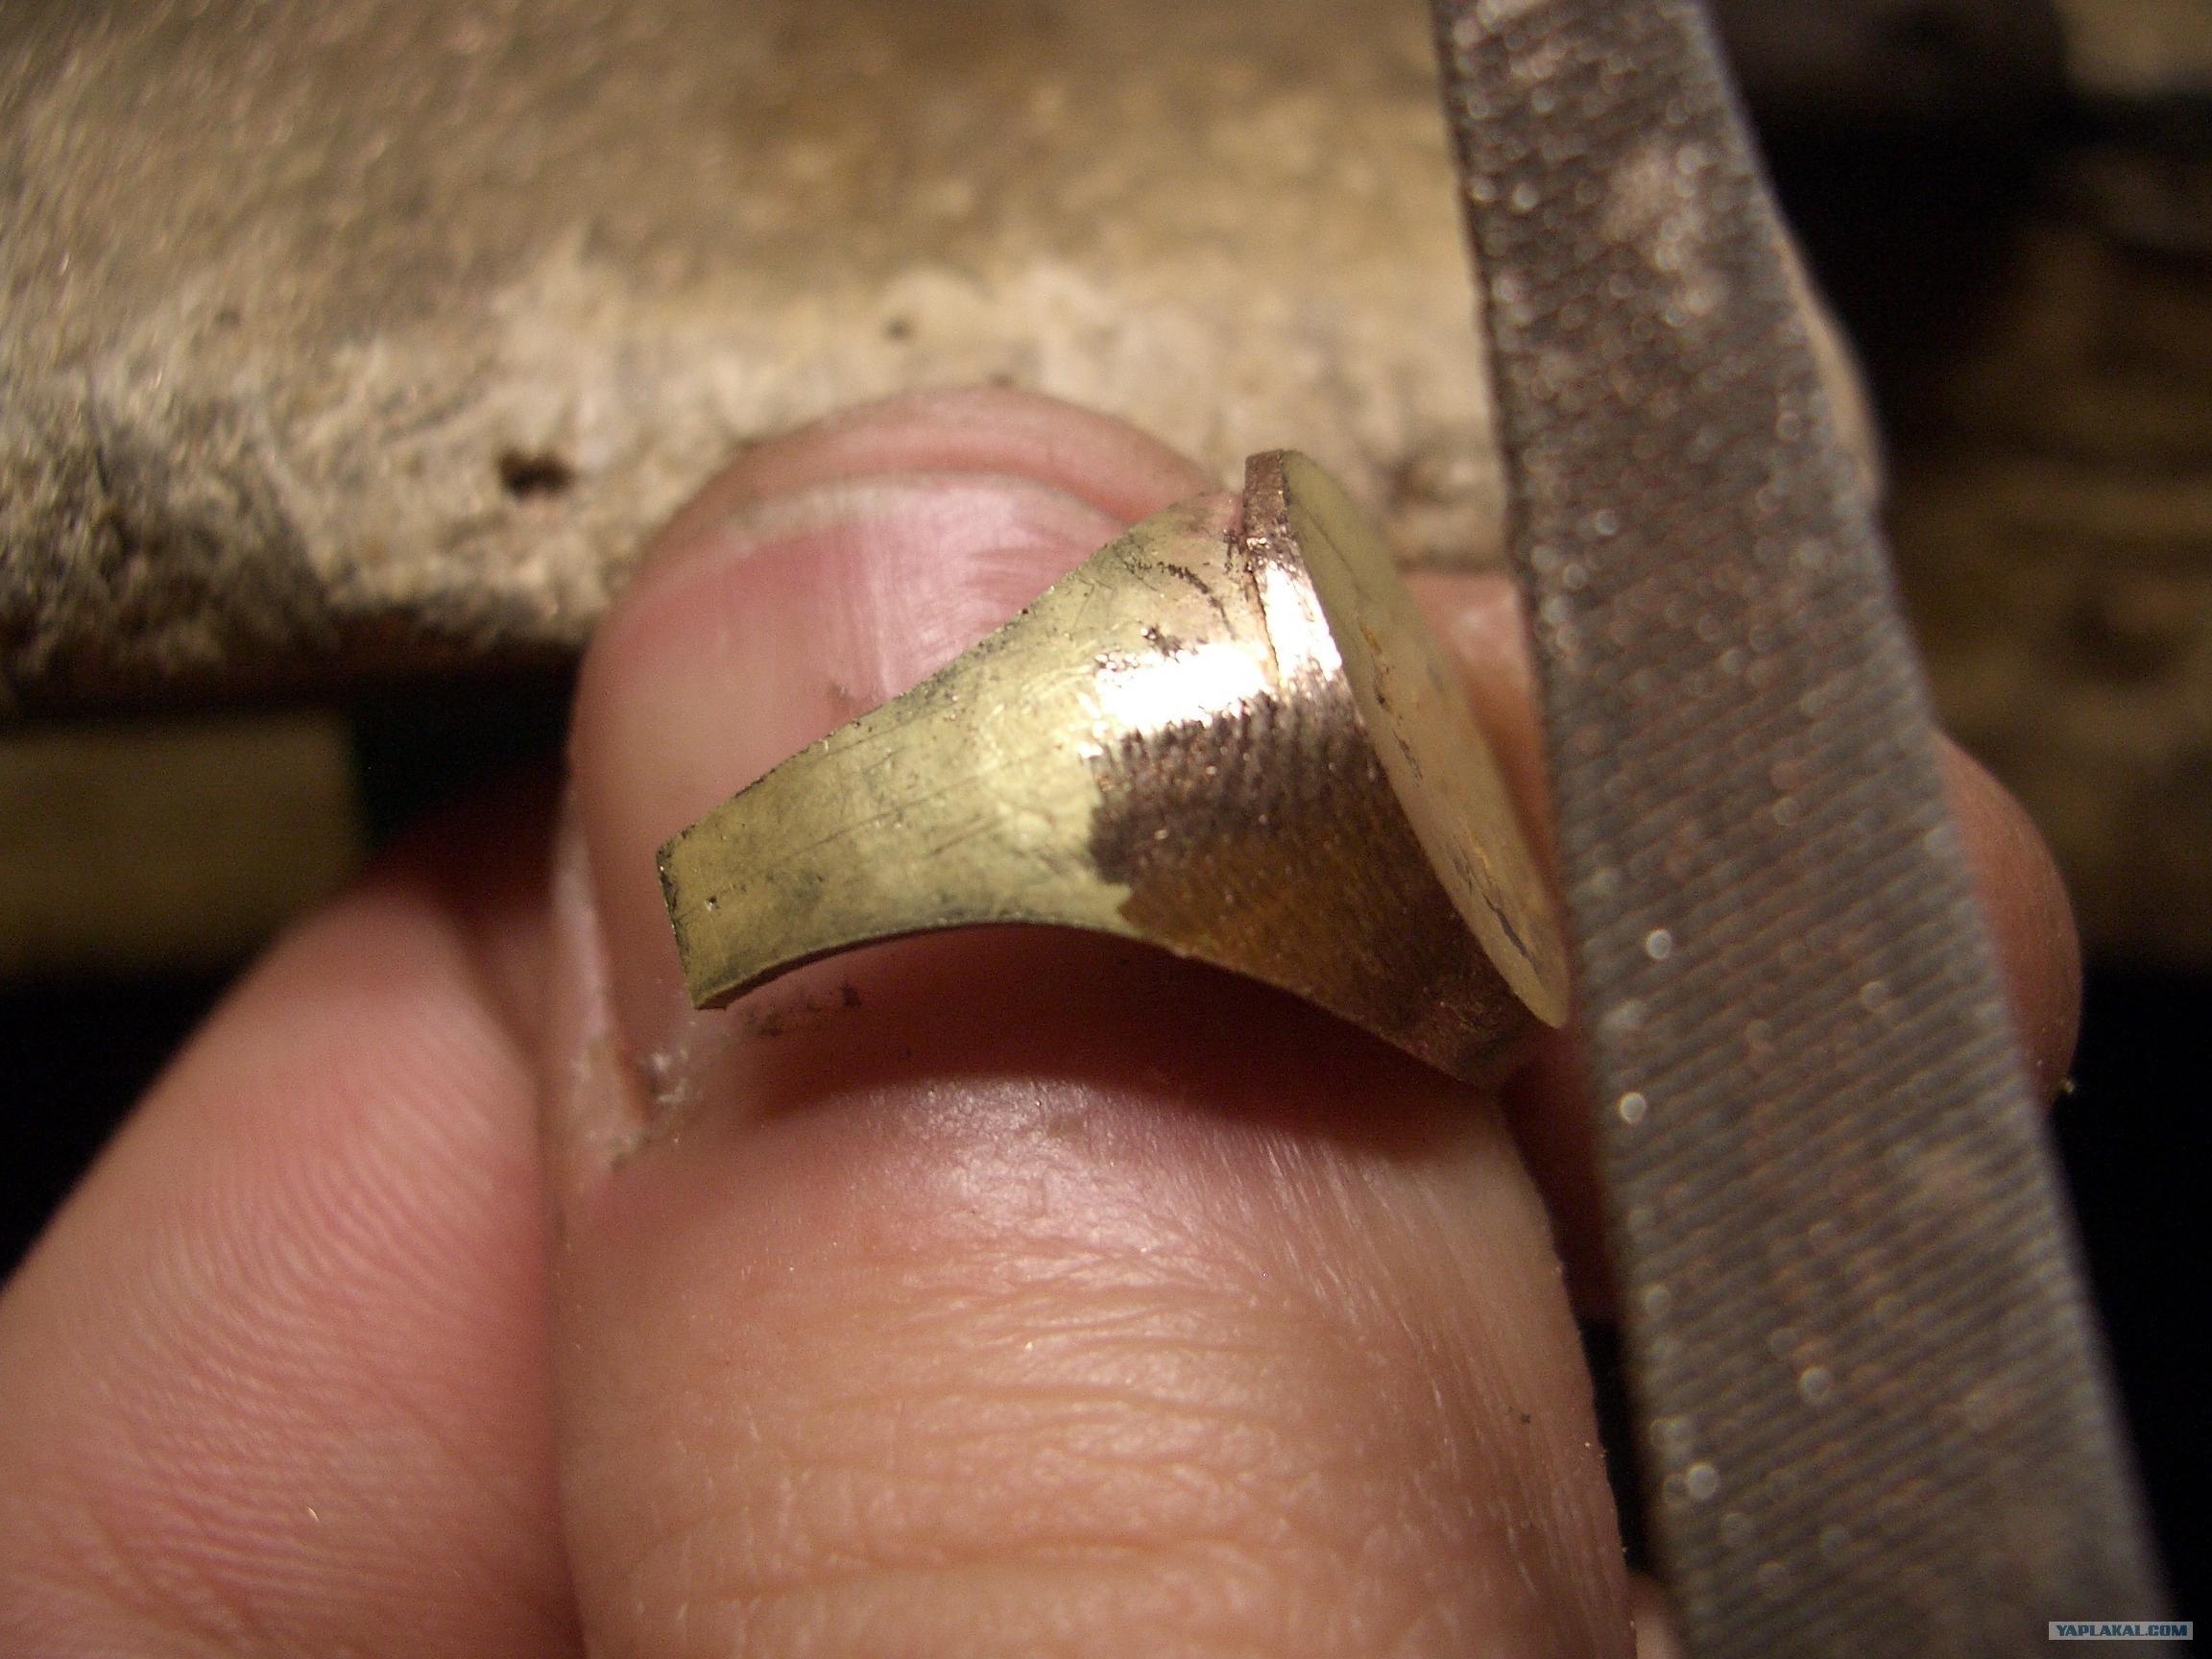 Самодельное кольцо на член 15 фотография